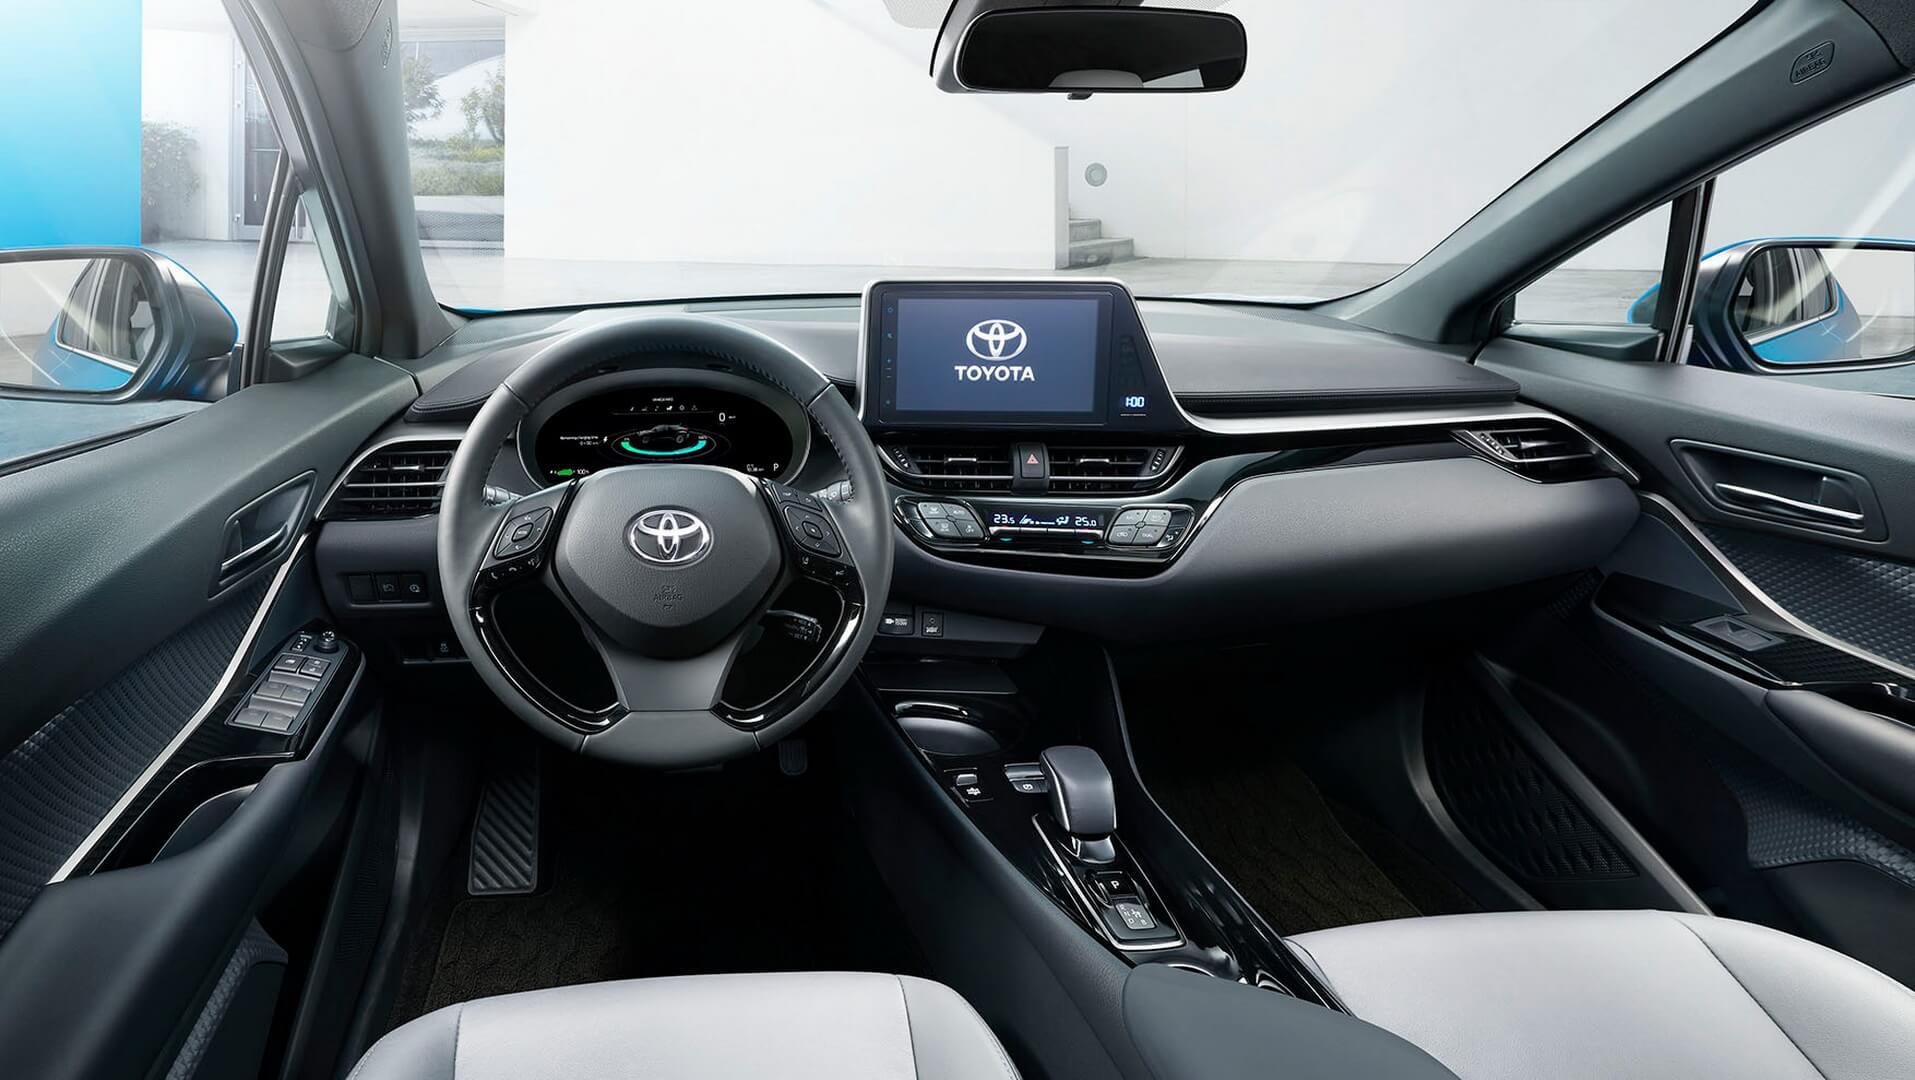 Салон электрического кроссовера Toyota на основе C-HR